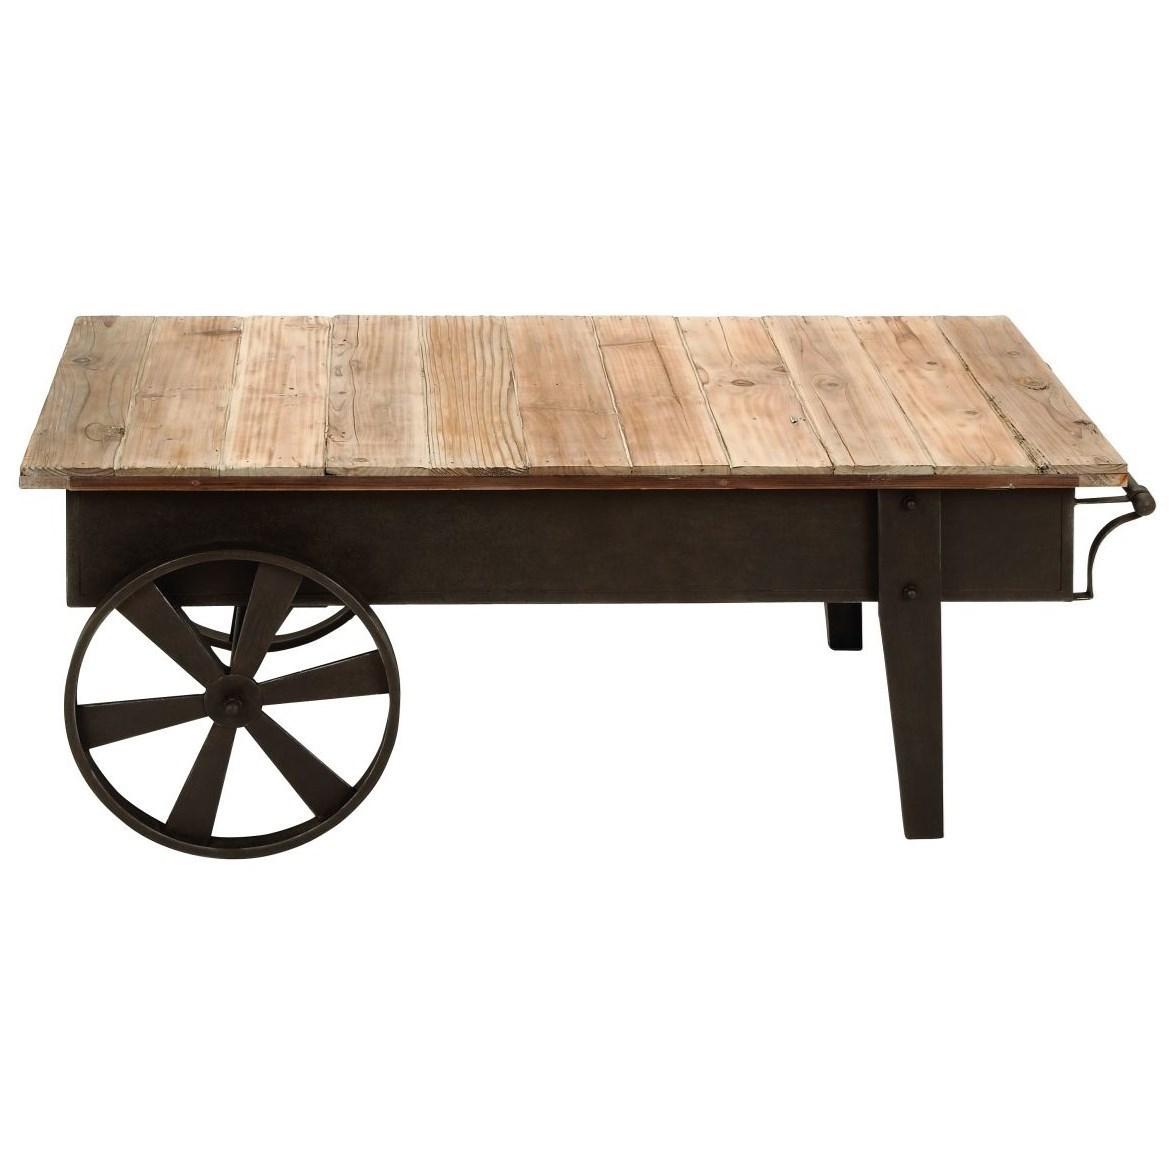 Metal/Wood Coffee Table